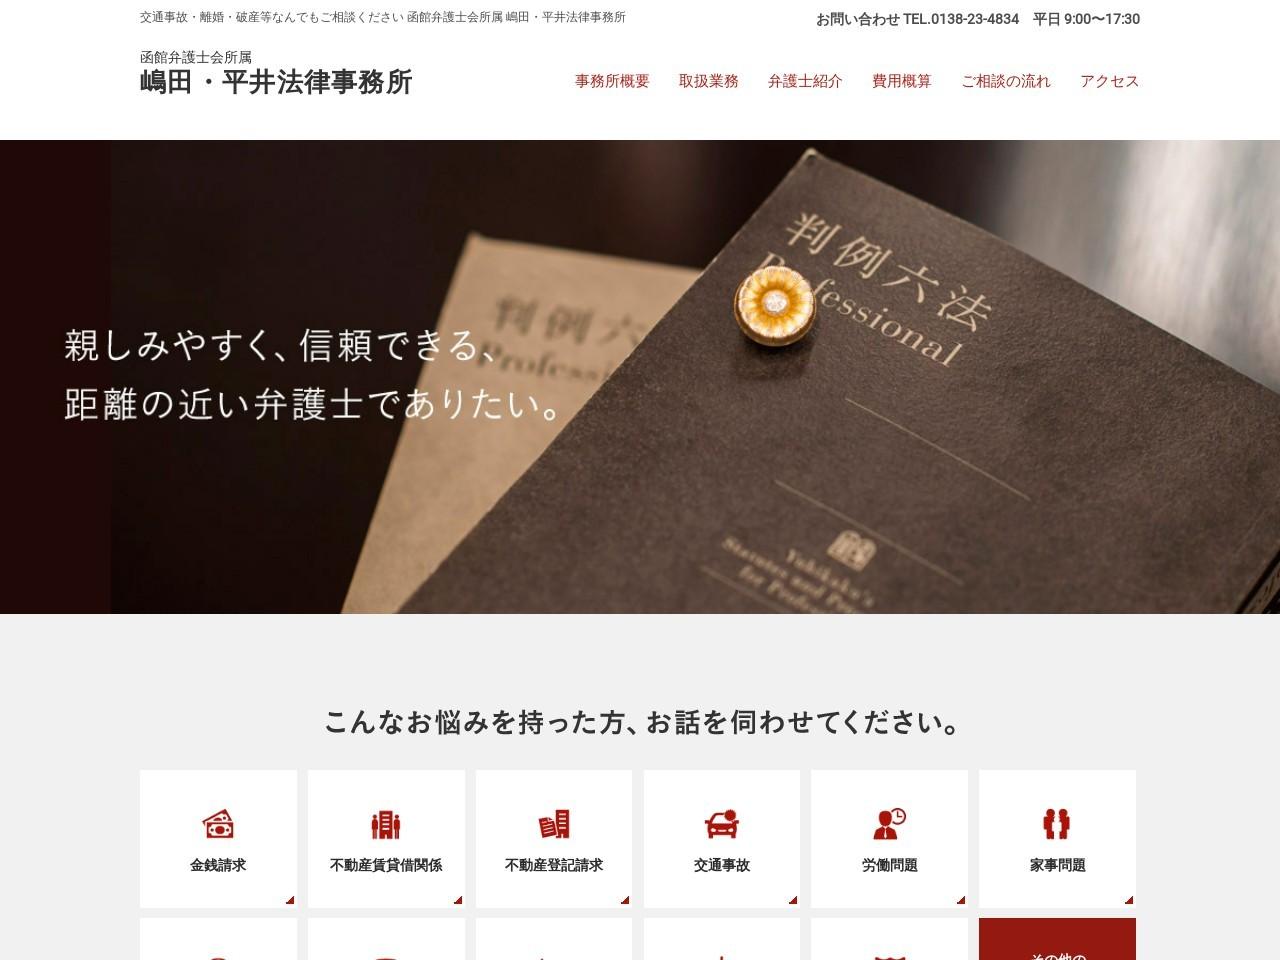 嶋田・平井法律事務所